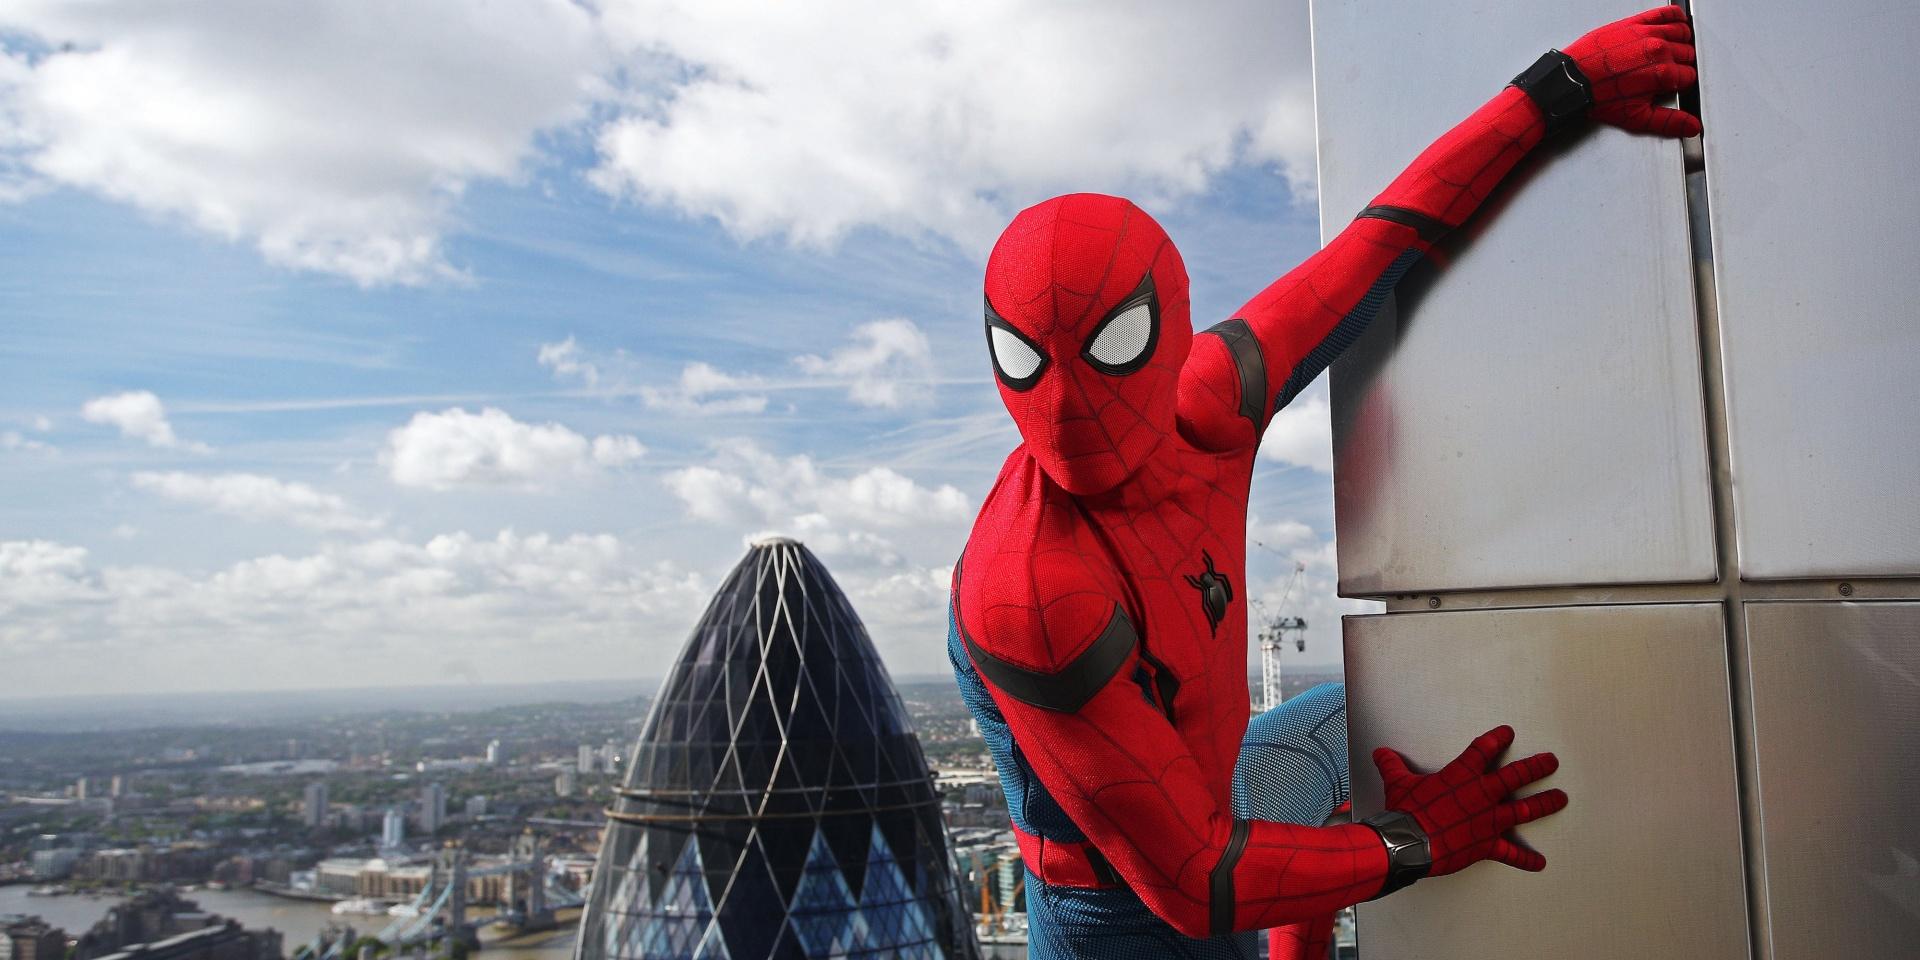 Sony: Человек-паук ушёл из киновселенной Marvel, но может появиться в паучьей вселенной